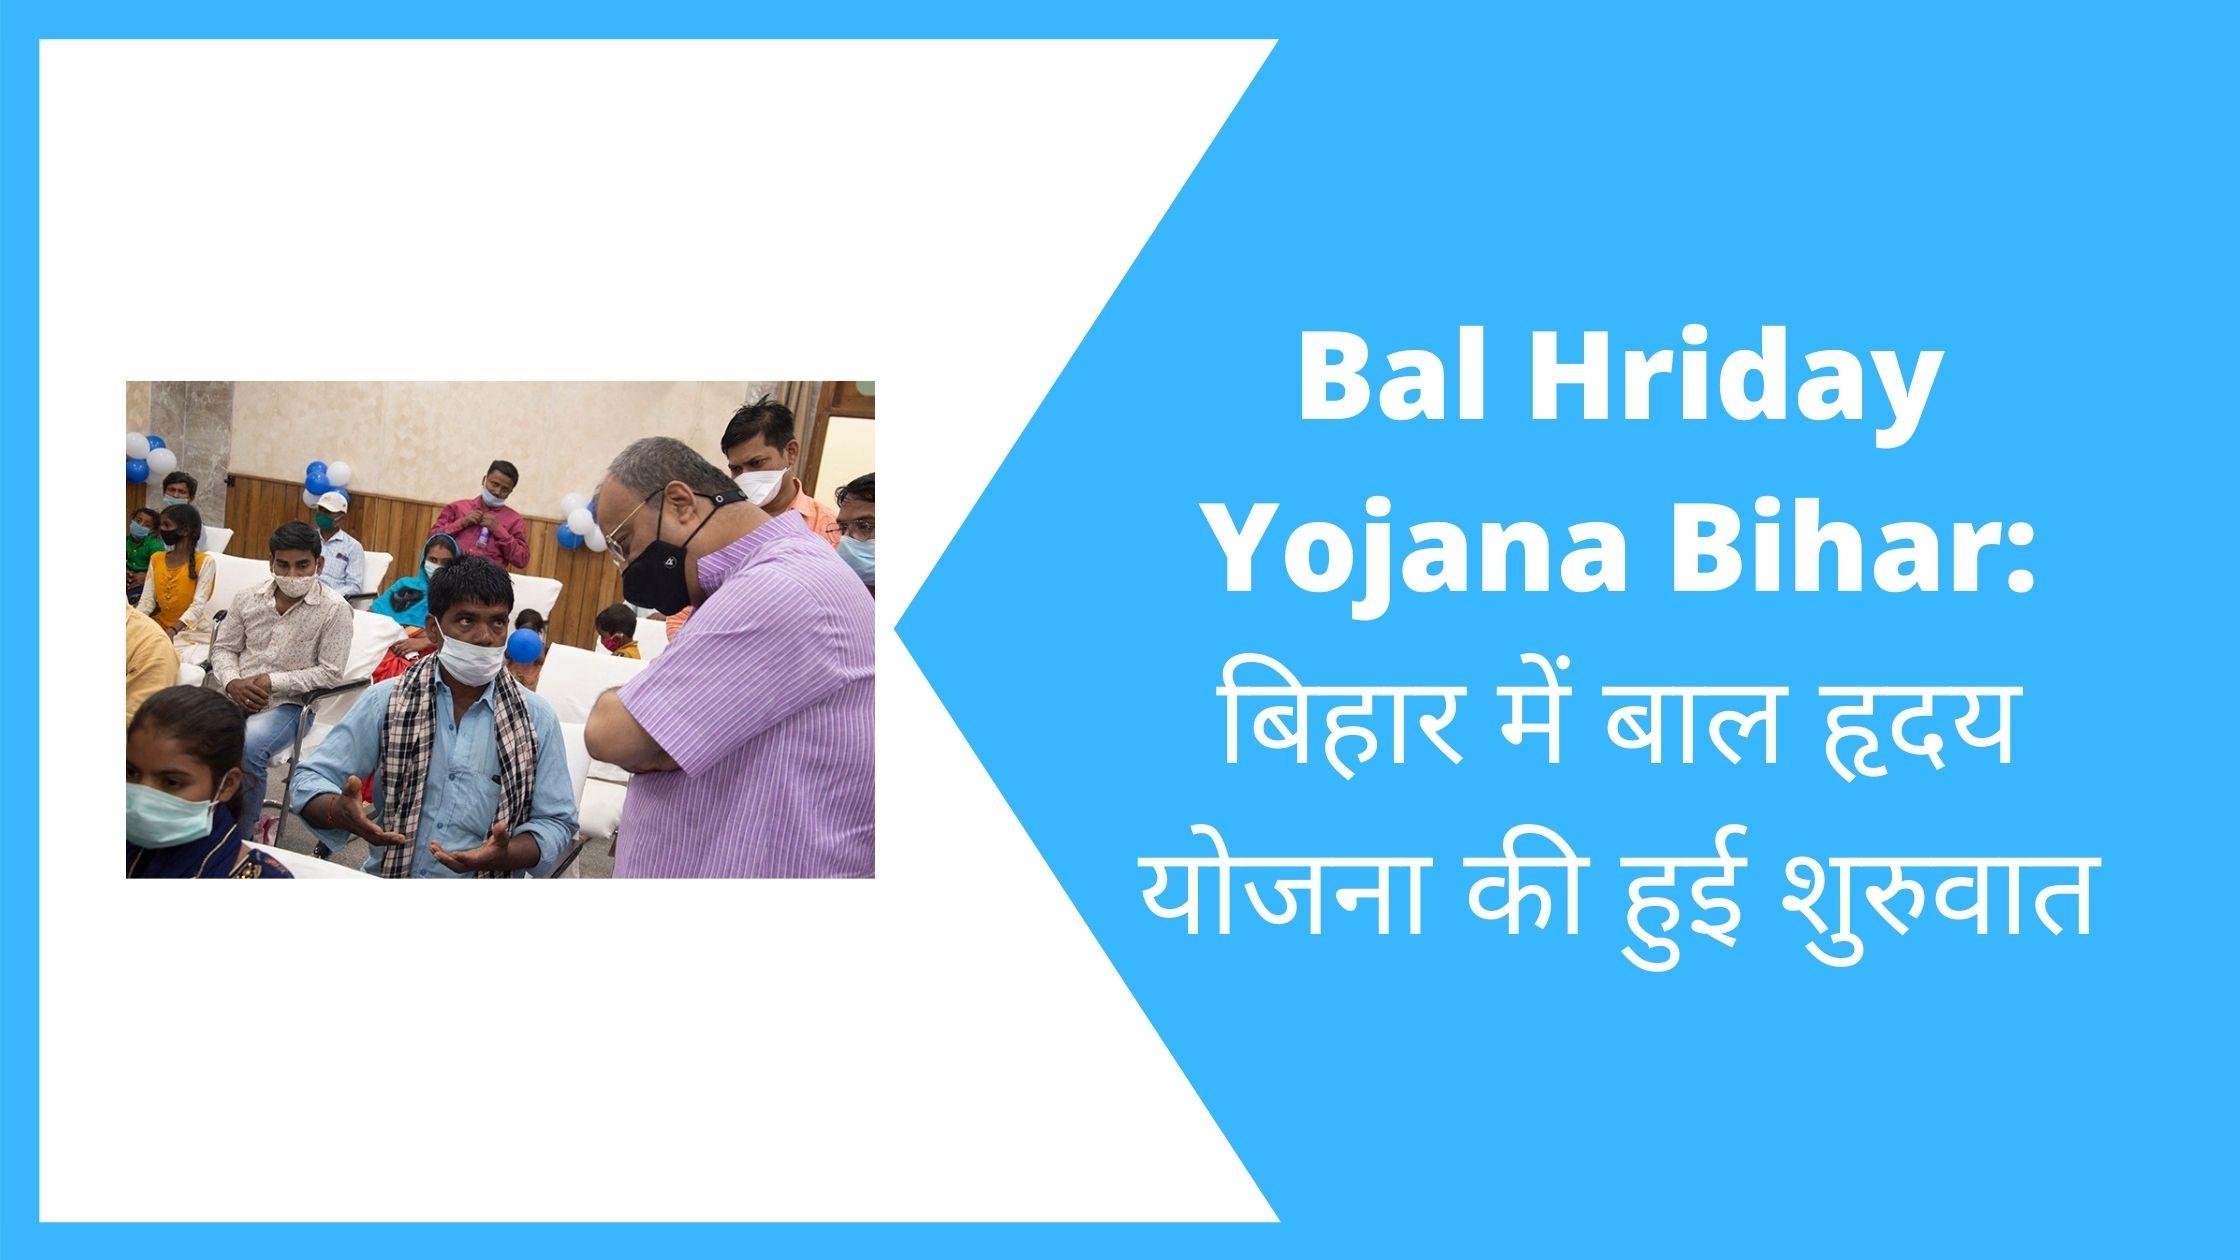 Bal Hriday Yojana Bihar